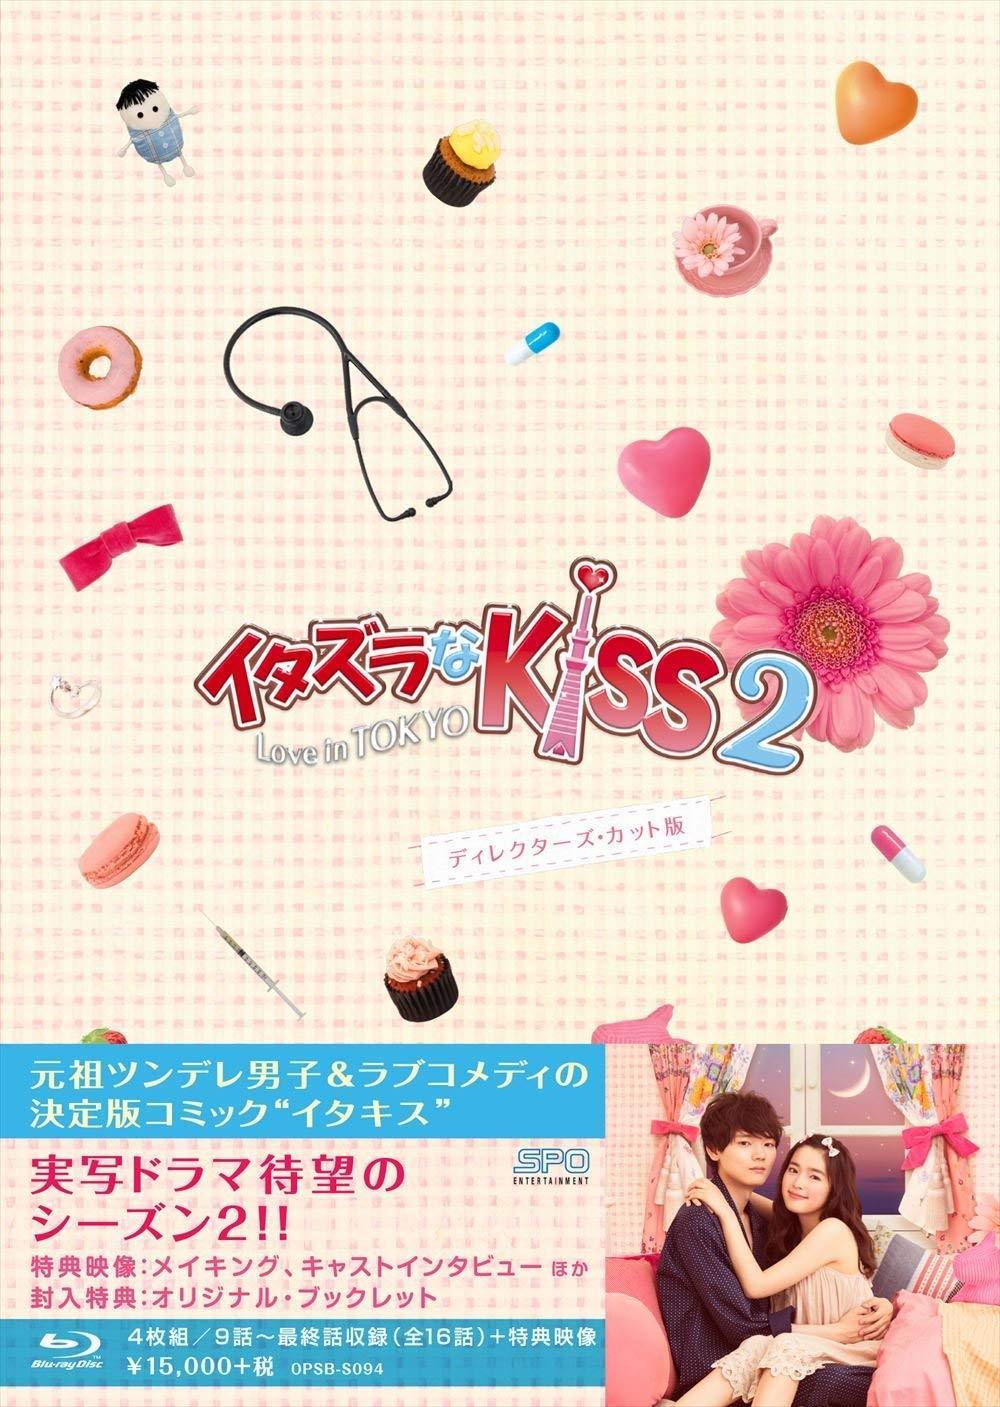 Itazura na Kiss 2 Love in Tokyo Director's Cut Edition Blu-ray Box 2 Japan